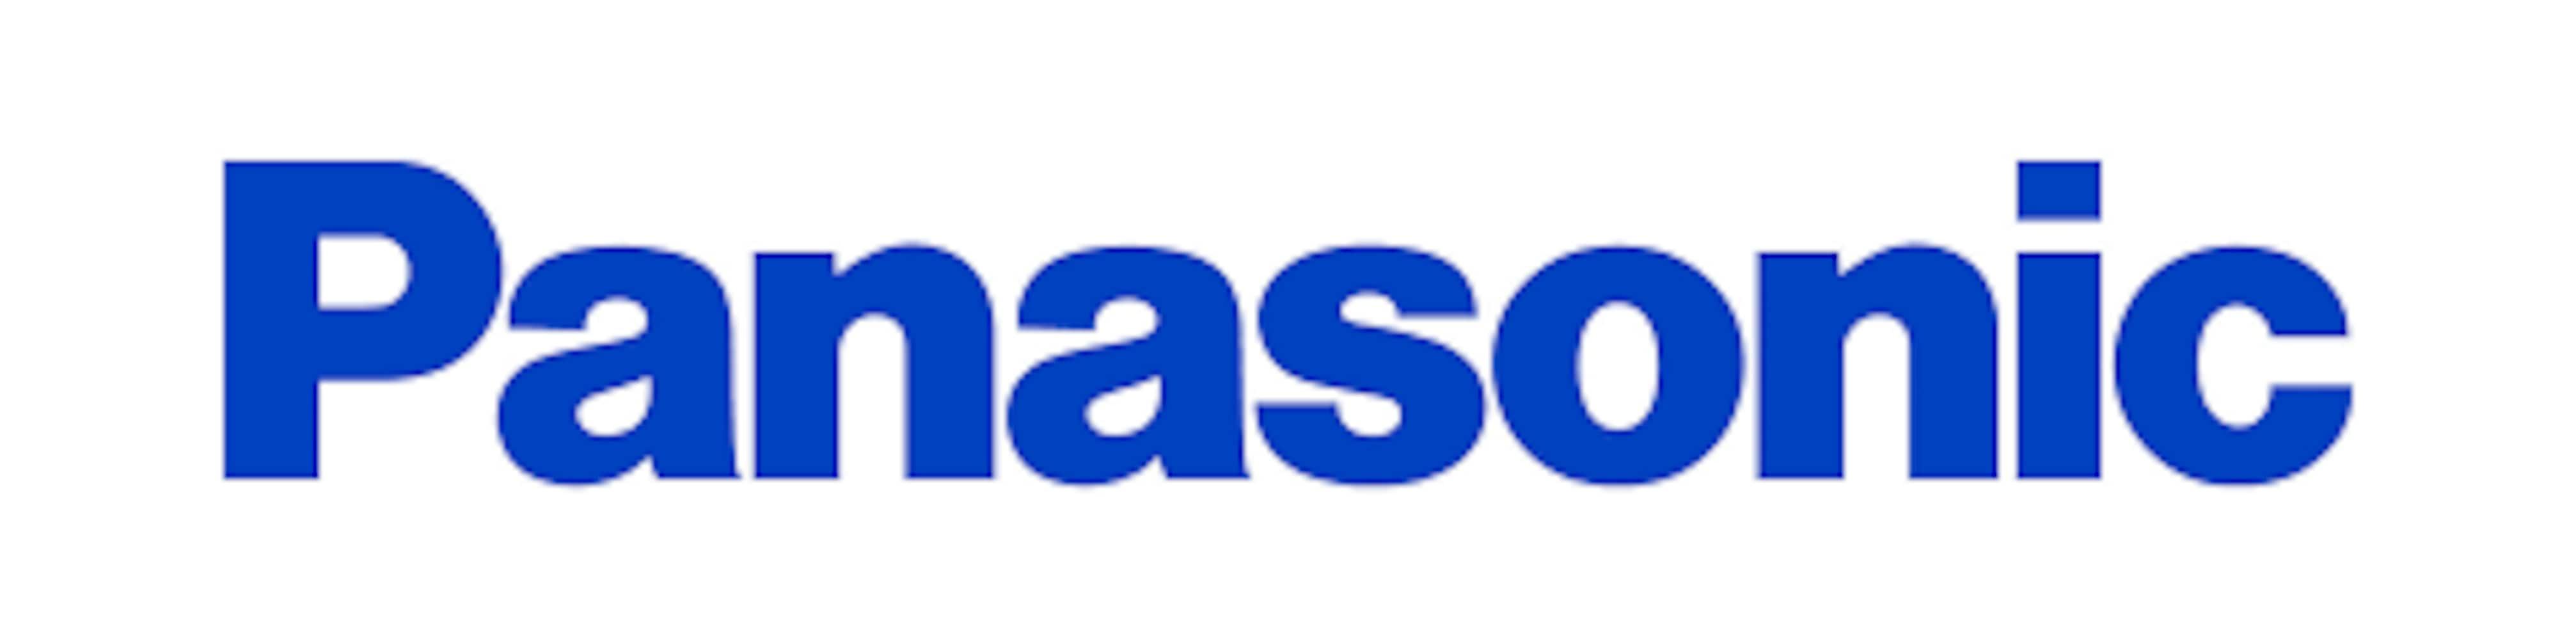 Panasonic(パナソニック)